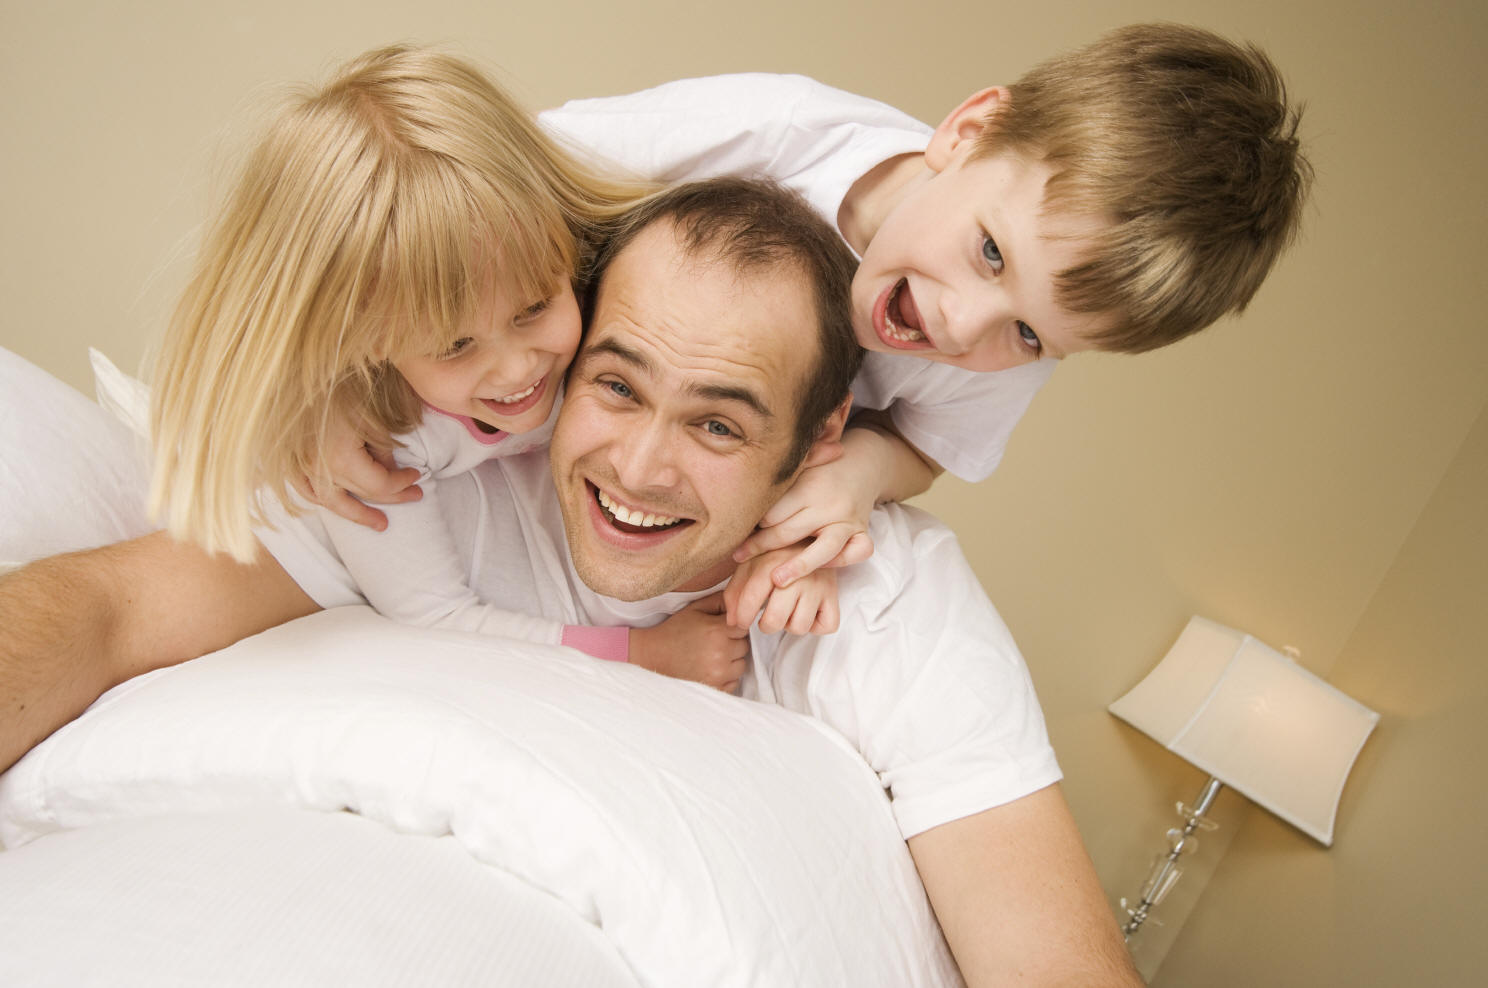 Количество детей в семье влияет на здоровье родителей